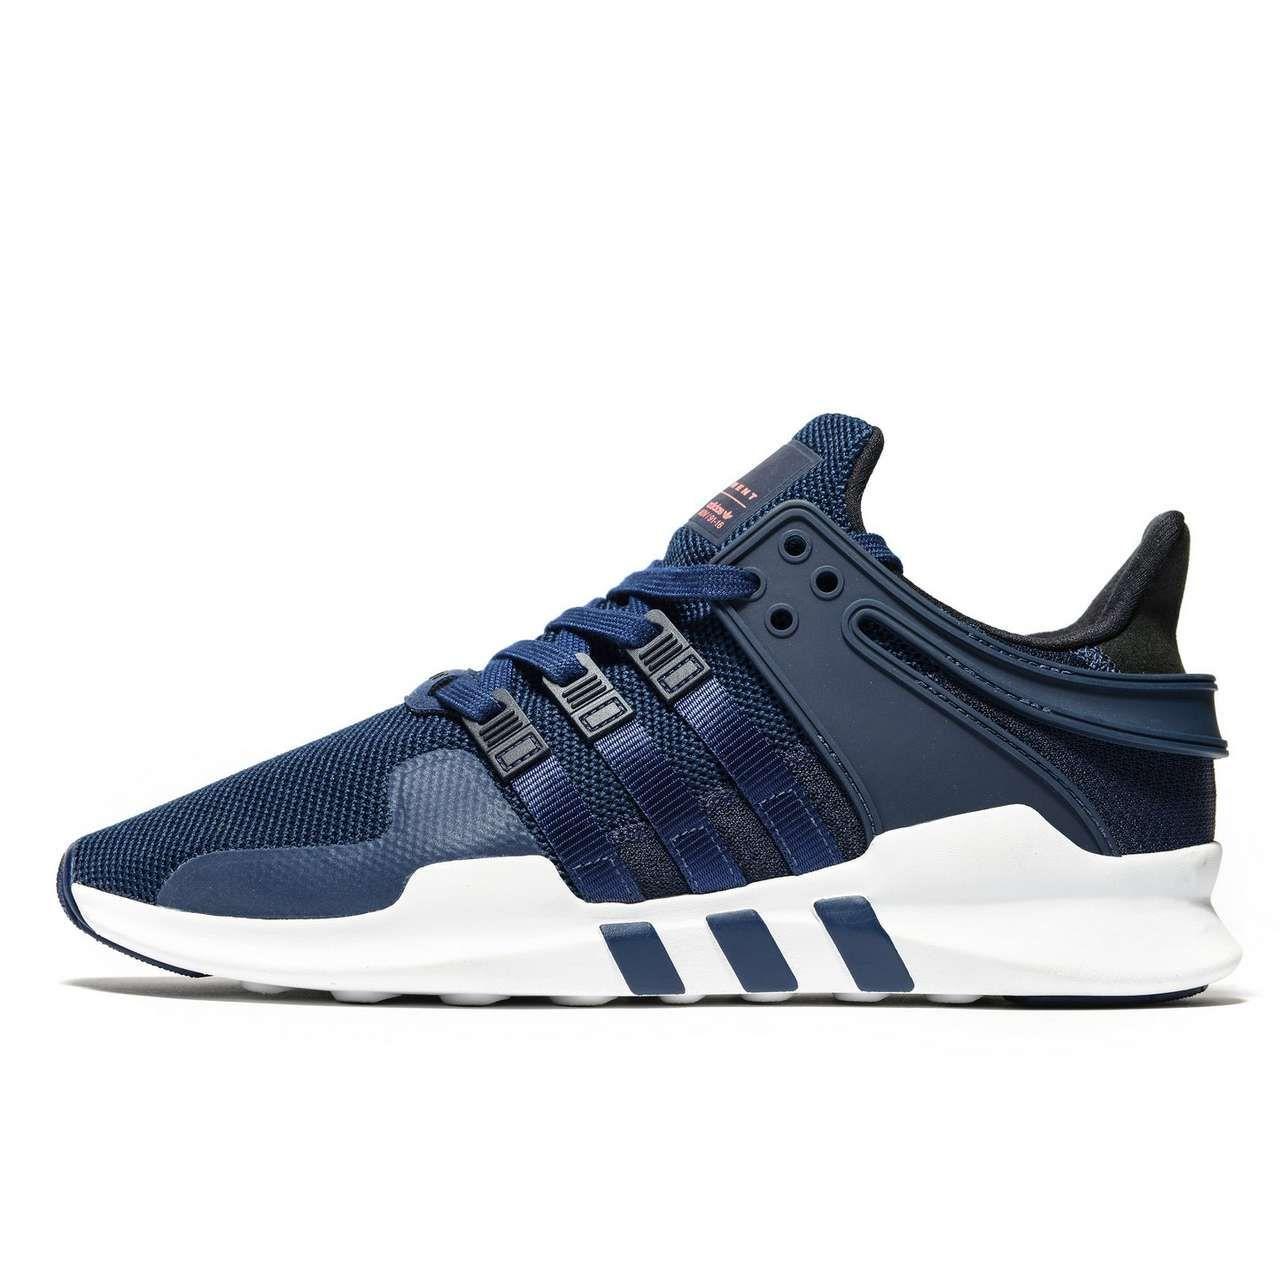 adidas Originals EQT Support ADV   Adidas eqt, Running shoes for ...